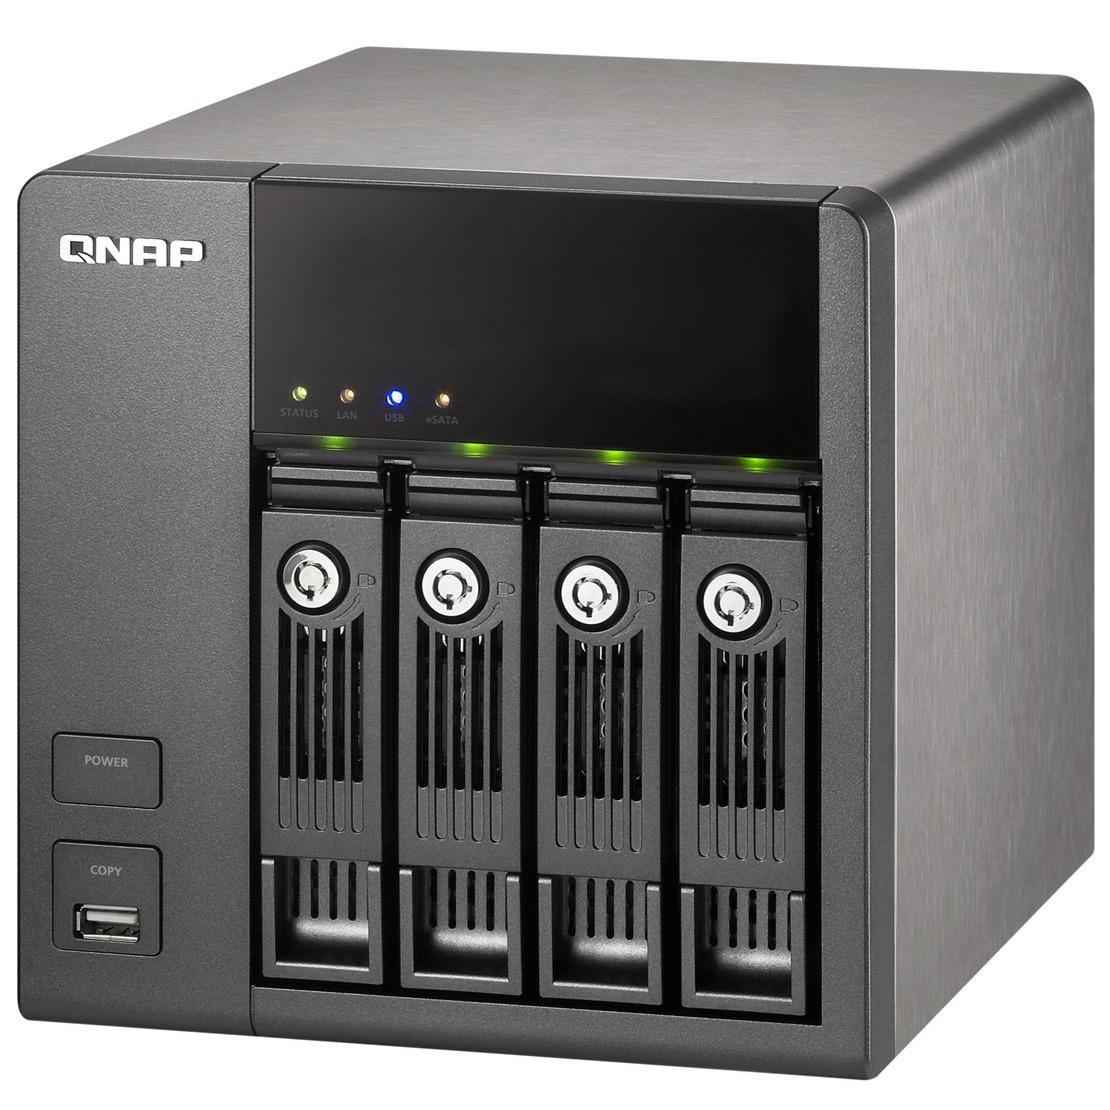 Serveur NAS QNAP TS-410 QNAP TS-410 - Serveur de stockage réseau 4 baies (sans disque dur)